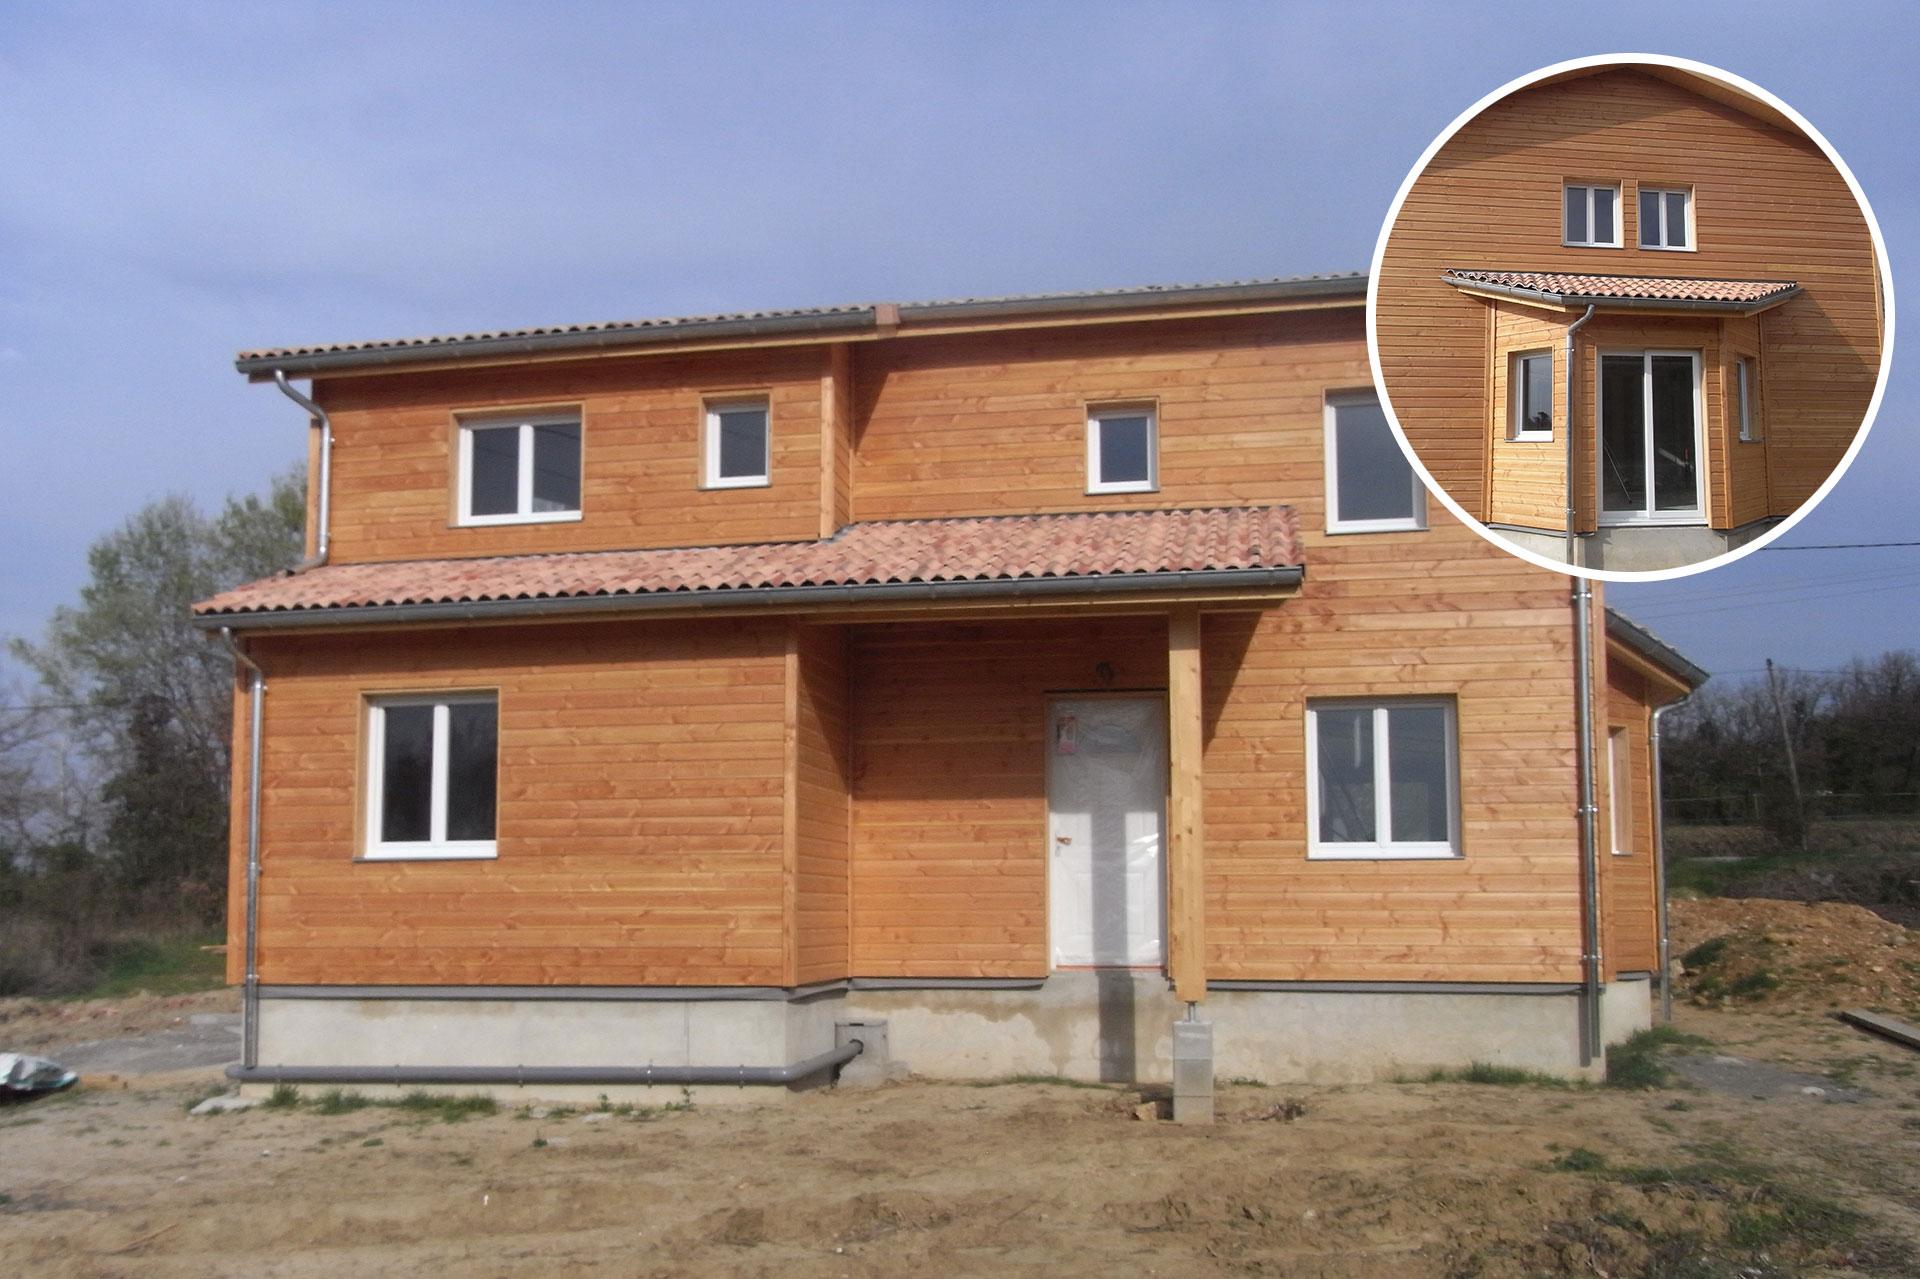 Maçonnerie pour maison en bois à Malataverne avec gros œuvre, soubassement et dalle.